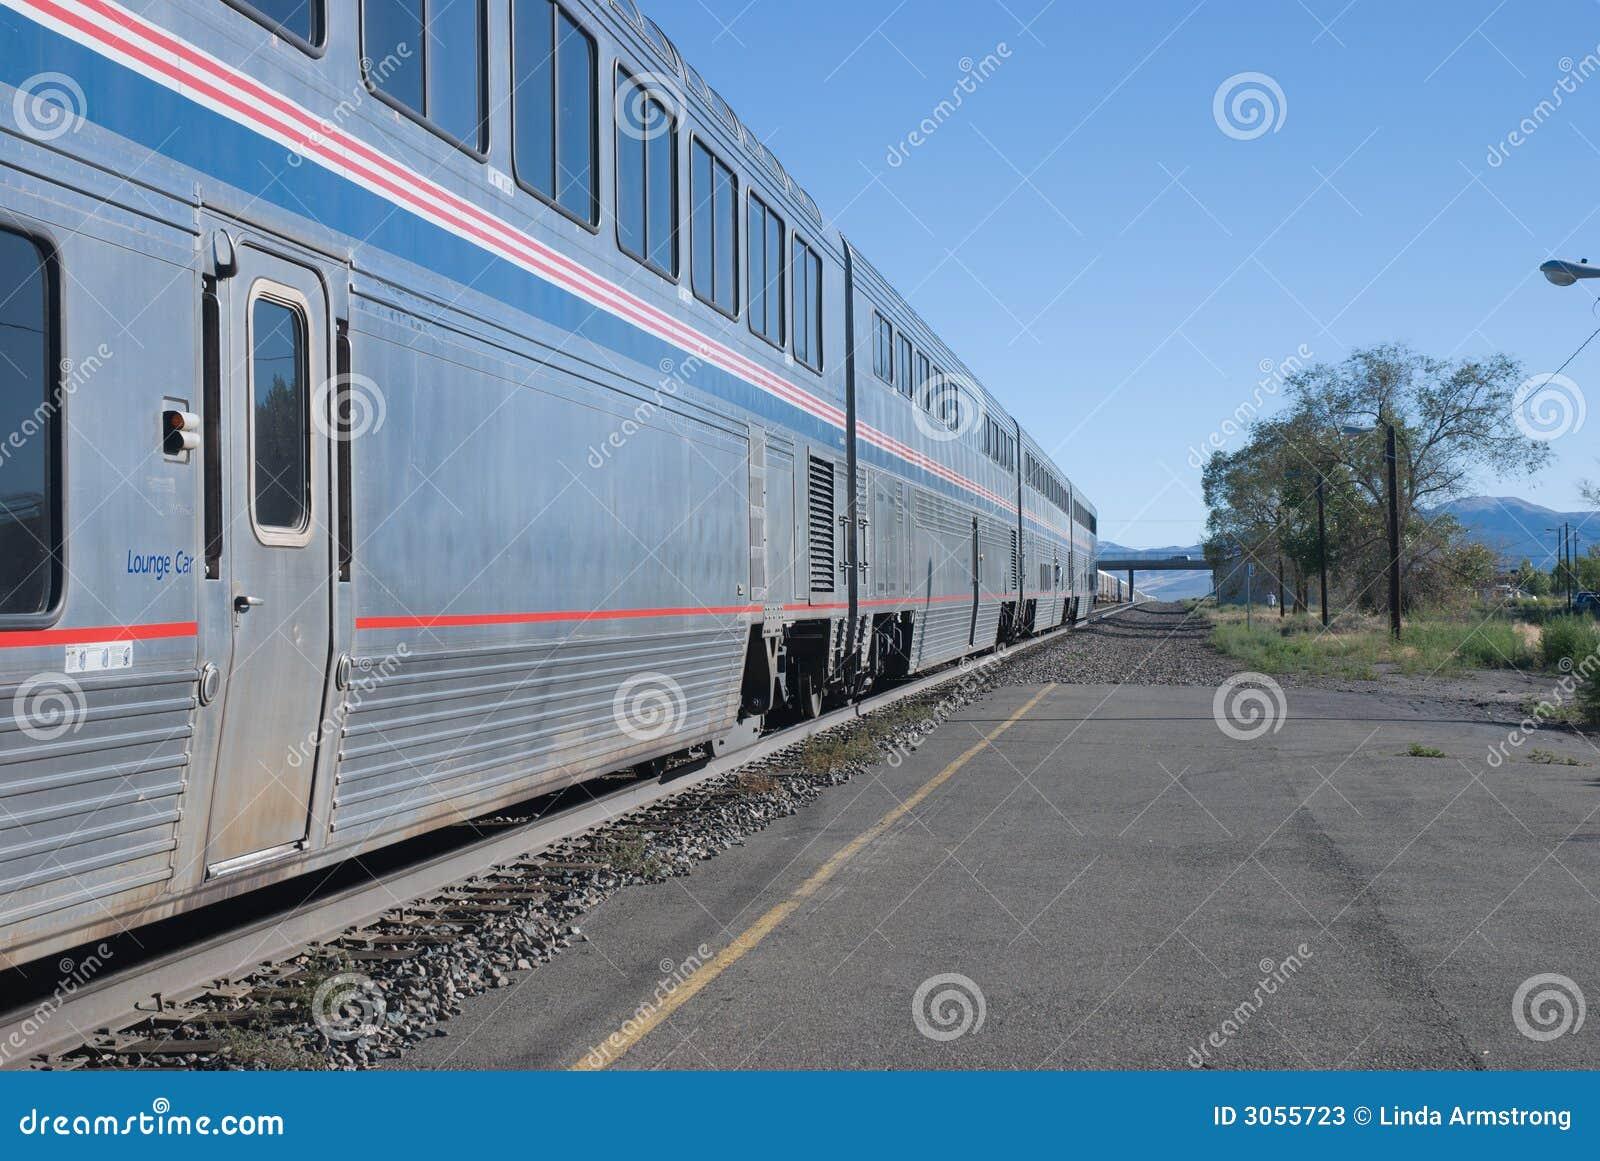 Comboio de passageiros